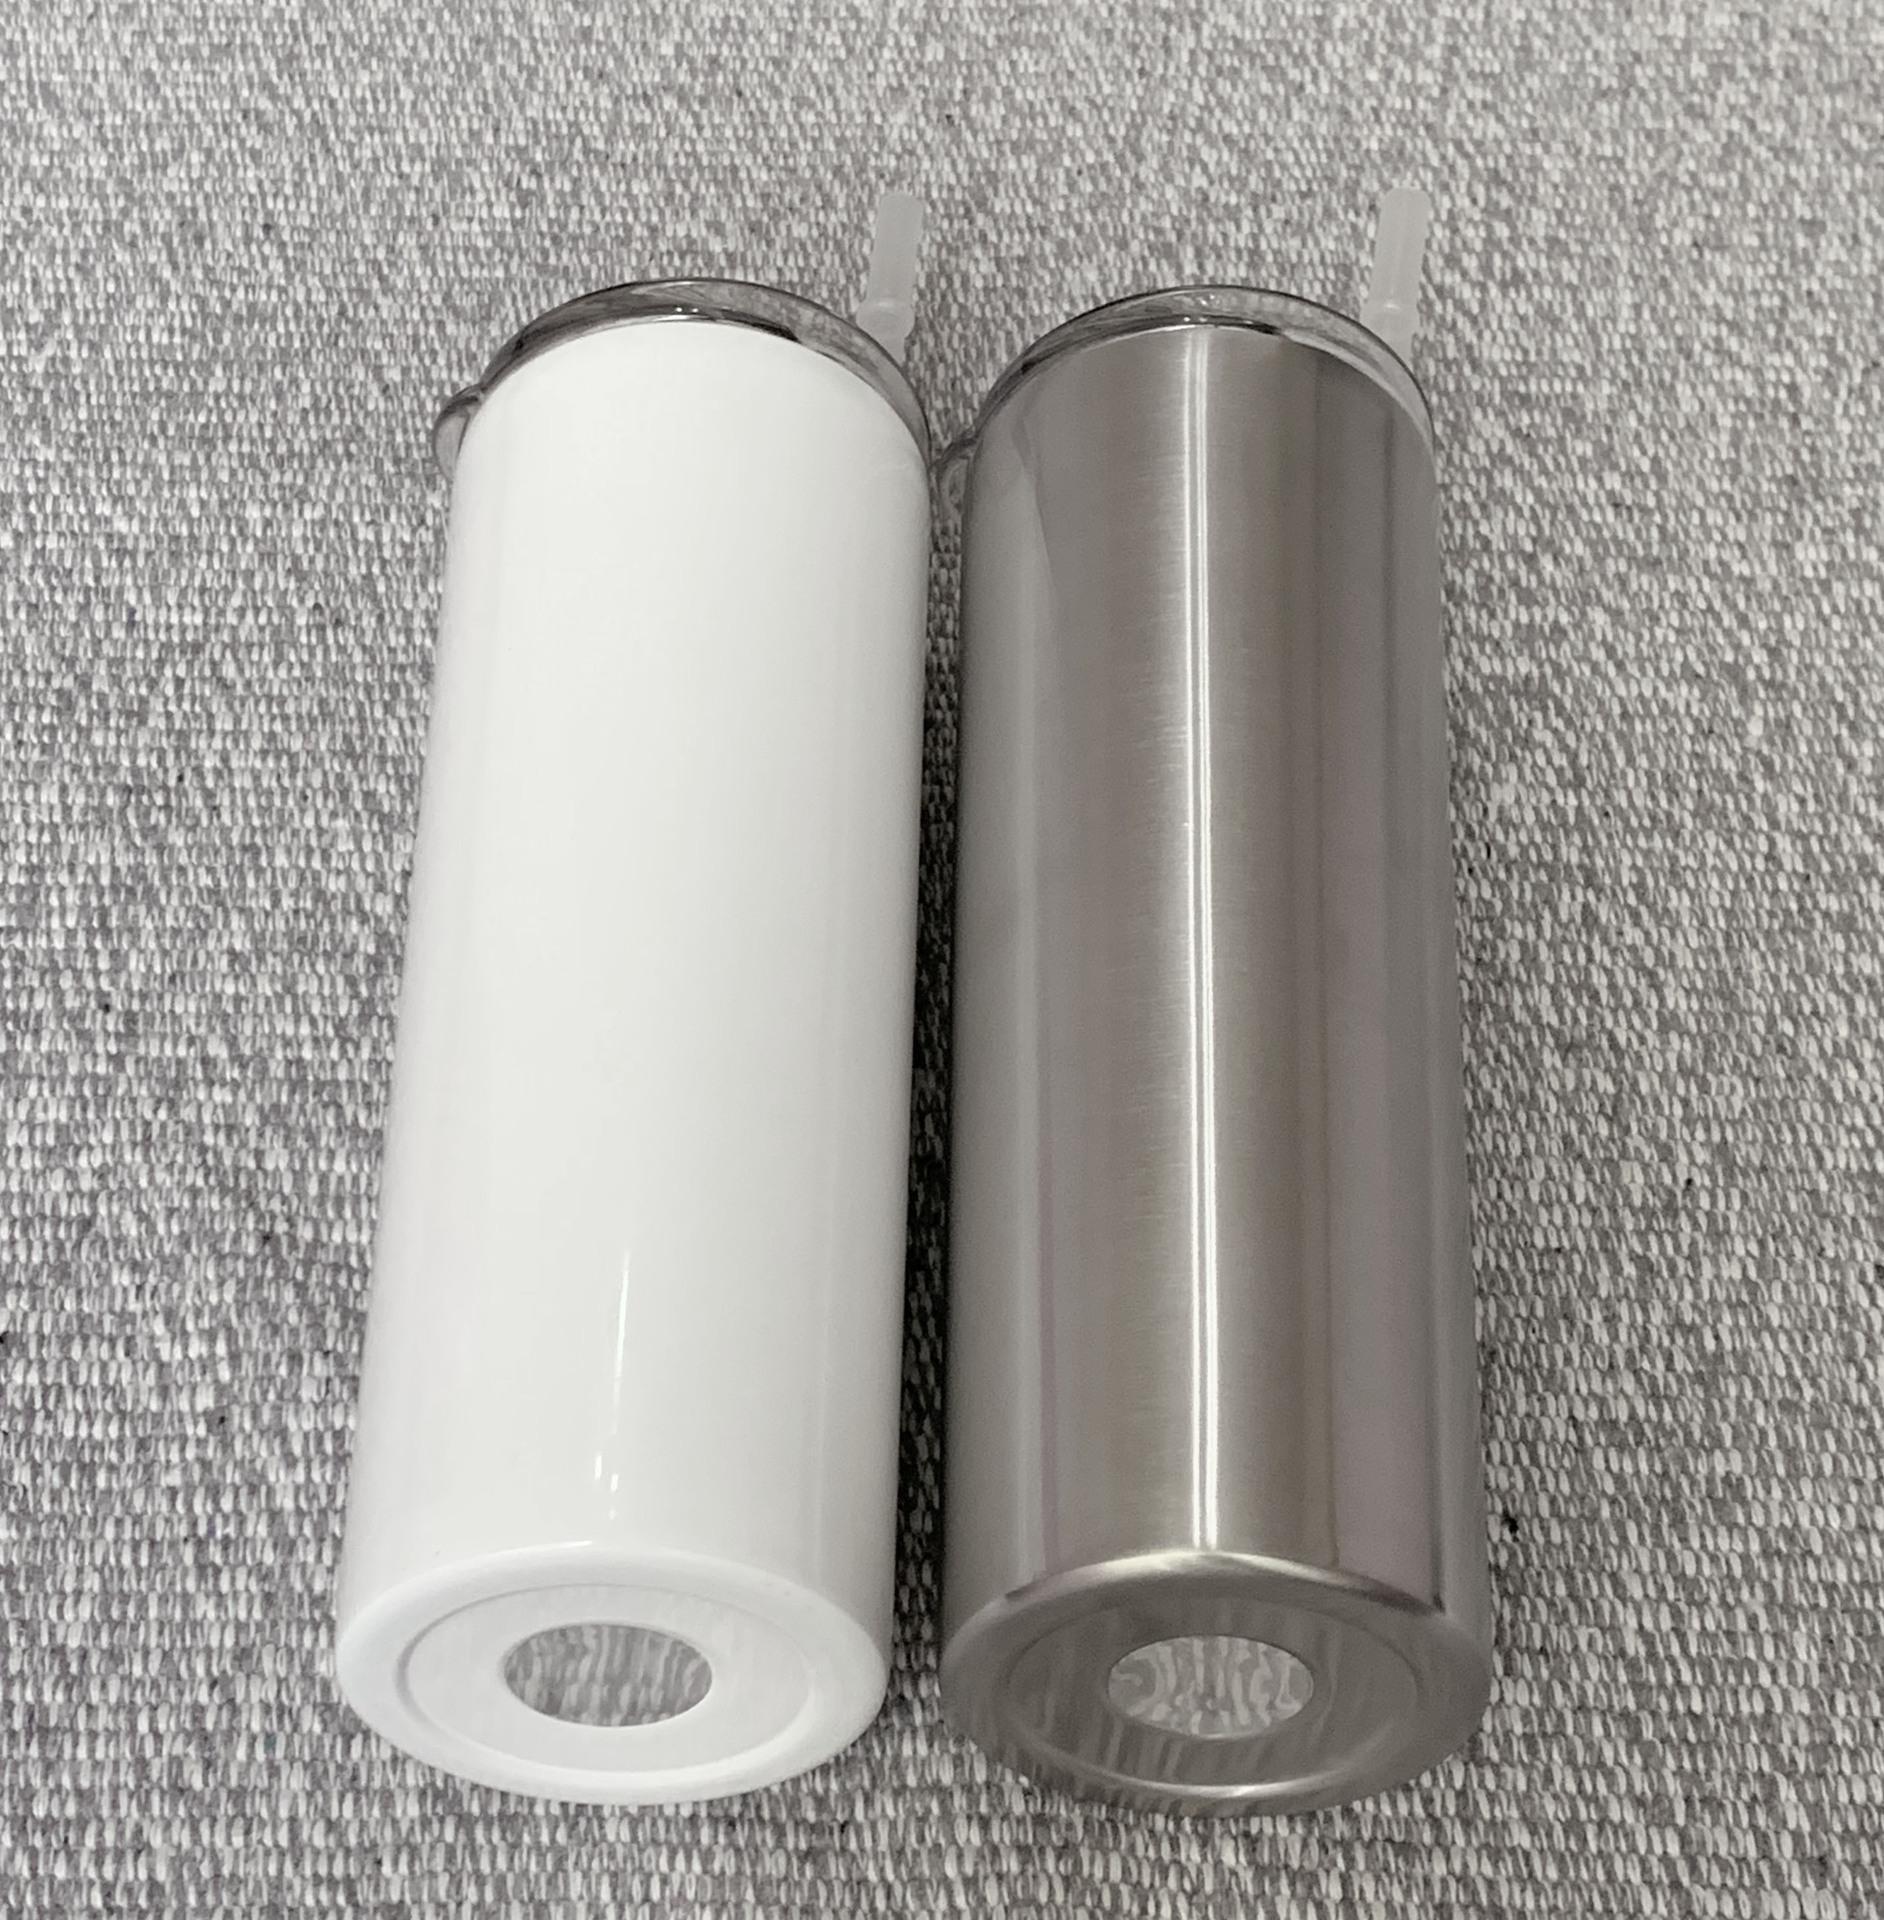 DÜZ! 20 oz Sublime Düz tumblers Paslanmaz Çelik Su Şişeleri Straw DIY Çift İzoleli Kahve Süt Bardaklar Mug A12 İçme